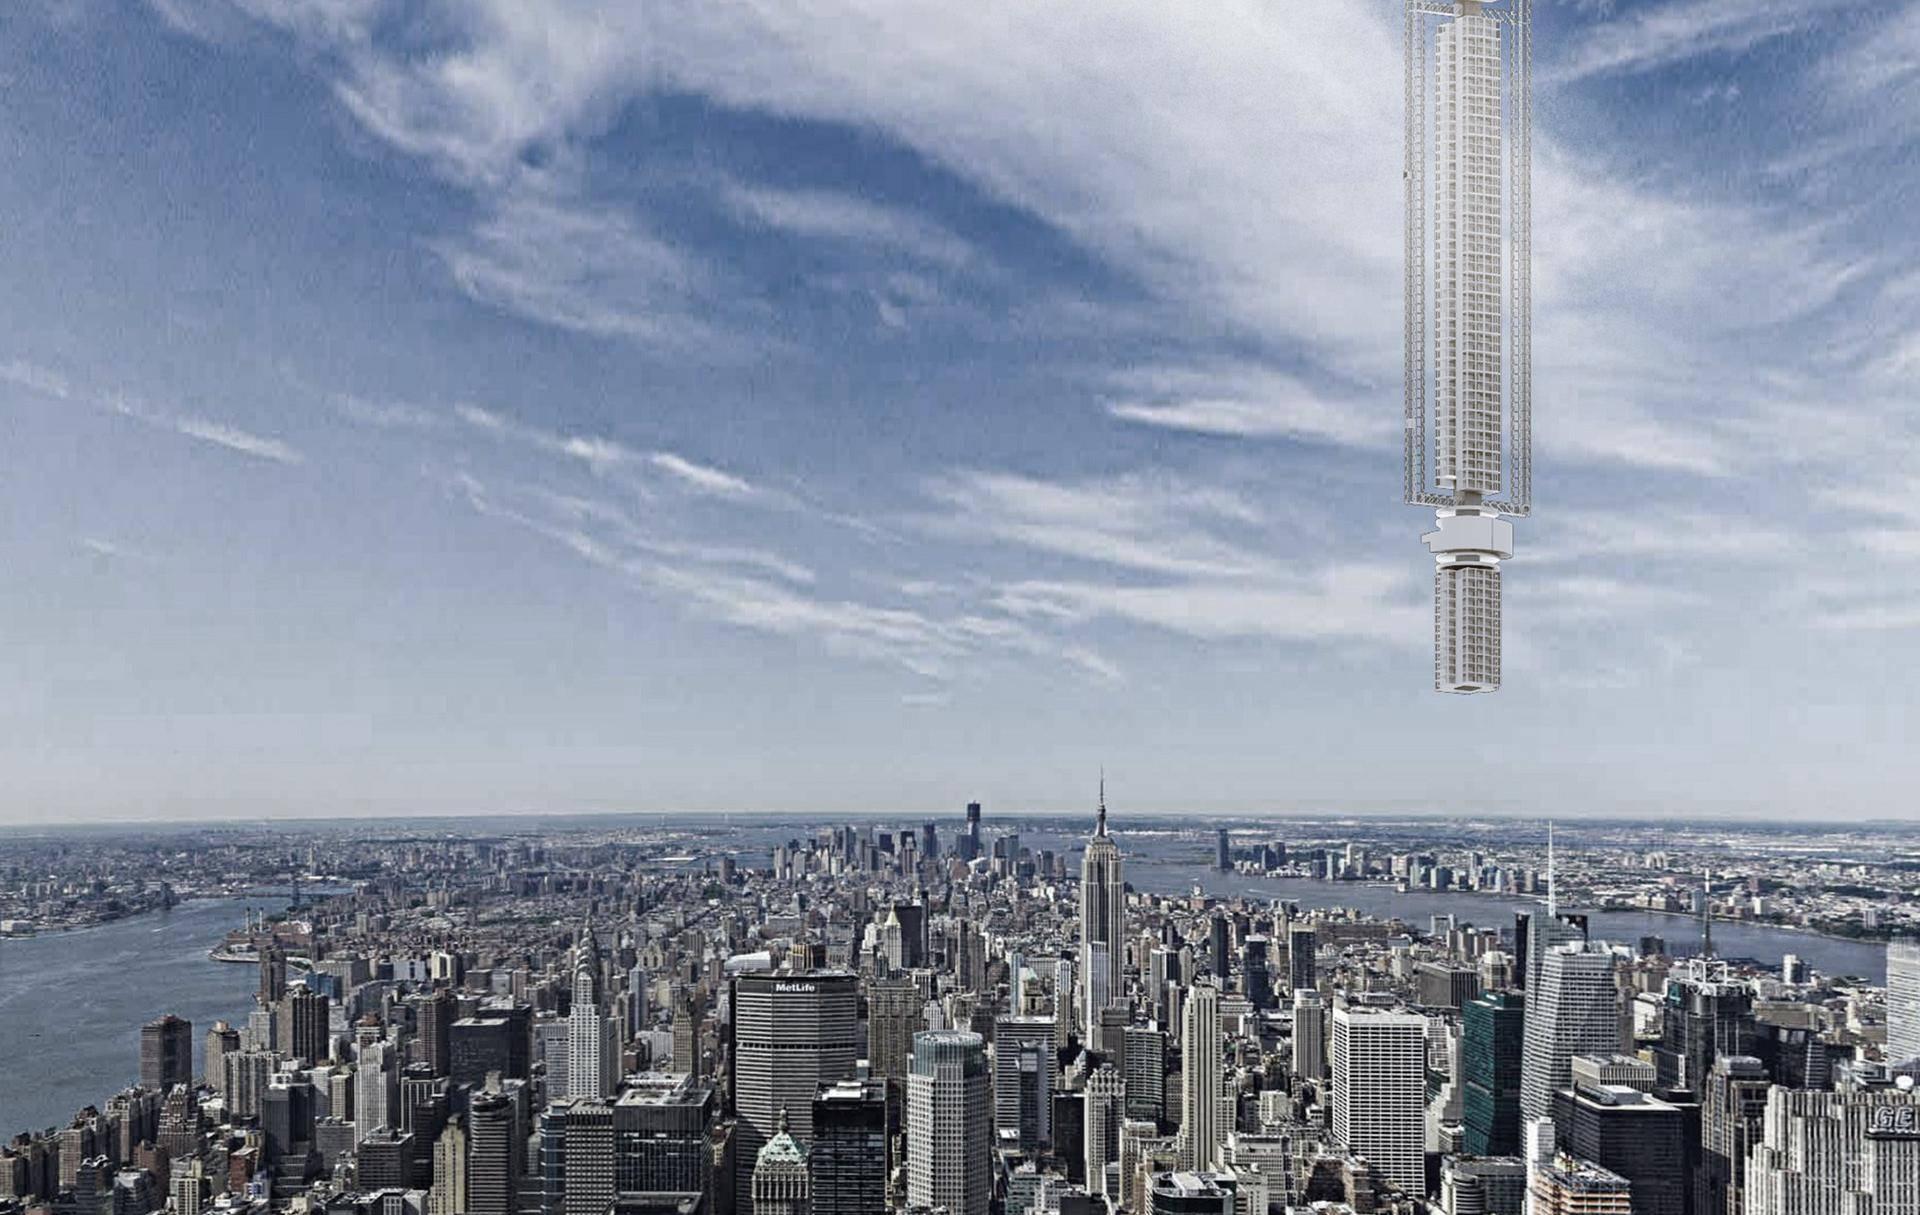 Prava SF zgrada: Neboder bi objesili s asteroida u svemiru